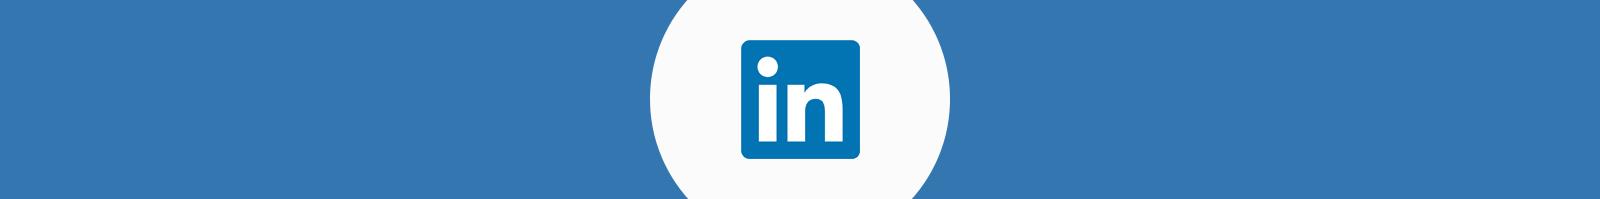 LinkedIn Divider